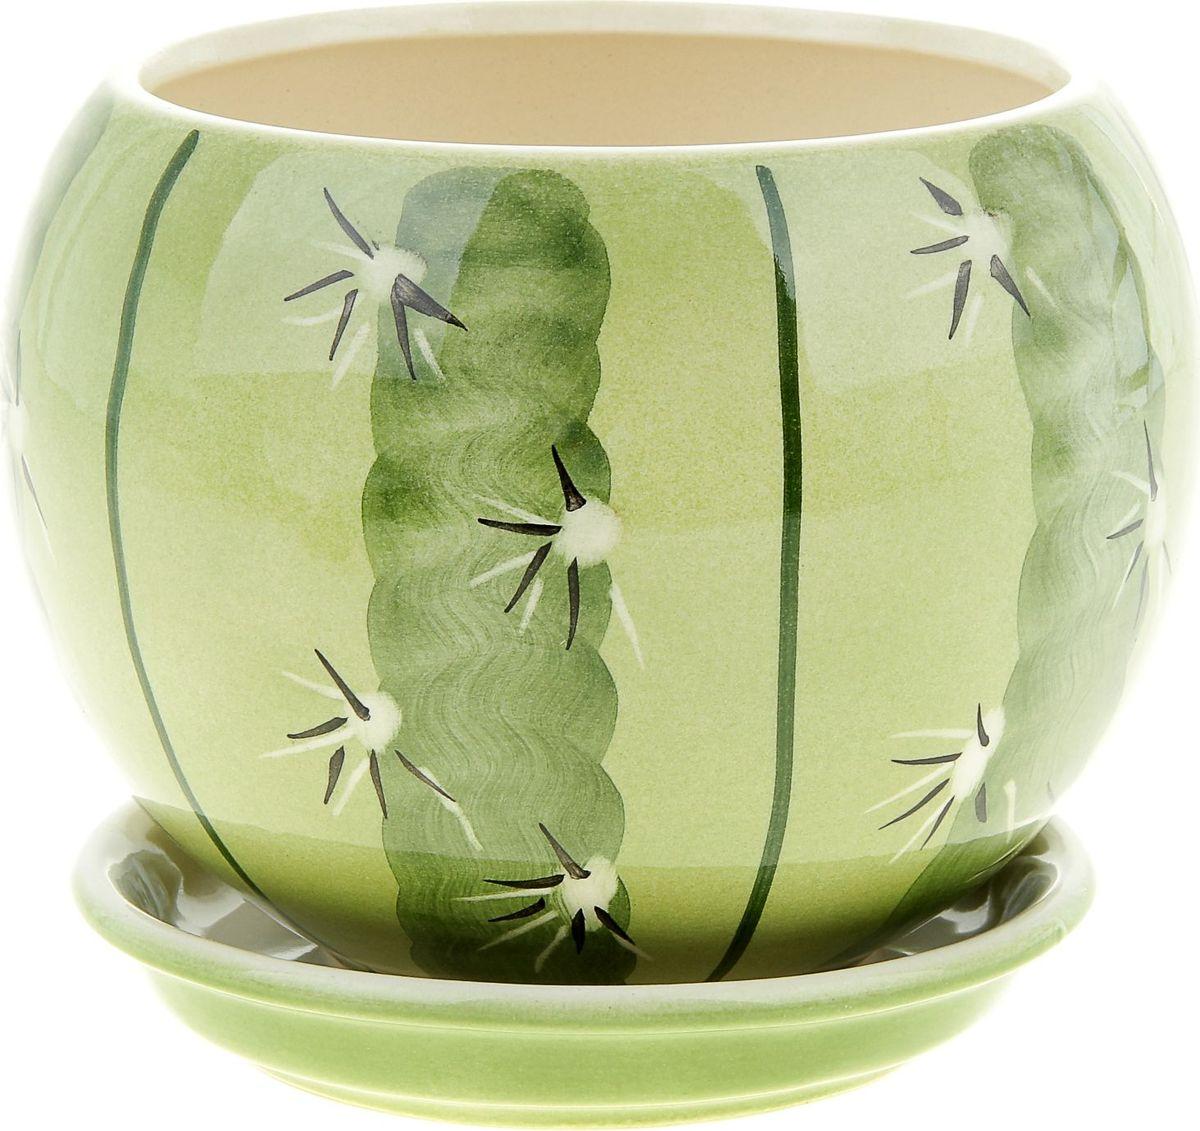 Кашпо Керамика ручной работы Шар. Кактус, 1,4 л835644Комнатные растения — всеобщие любимцы. Они радуют глаз, насыщают помещение кислородом и украшают пространство. Каждому из них необходим свой удобный и красивый дом. Кашпо из керамики прекрасно подходят для высадки растений: за счет пластичности глины и разных способов обработки существует великое множество форм и дизайнов пористый материал позволяет испаряться лишней влаге воздух, необходимый для дыхания корней, проникает сквозь керамические стенки! позаботится о зеленом питомце, освежит интерьер и подчеркнет его стиль.